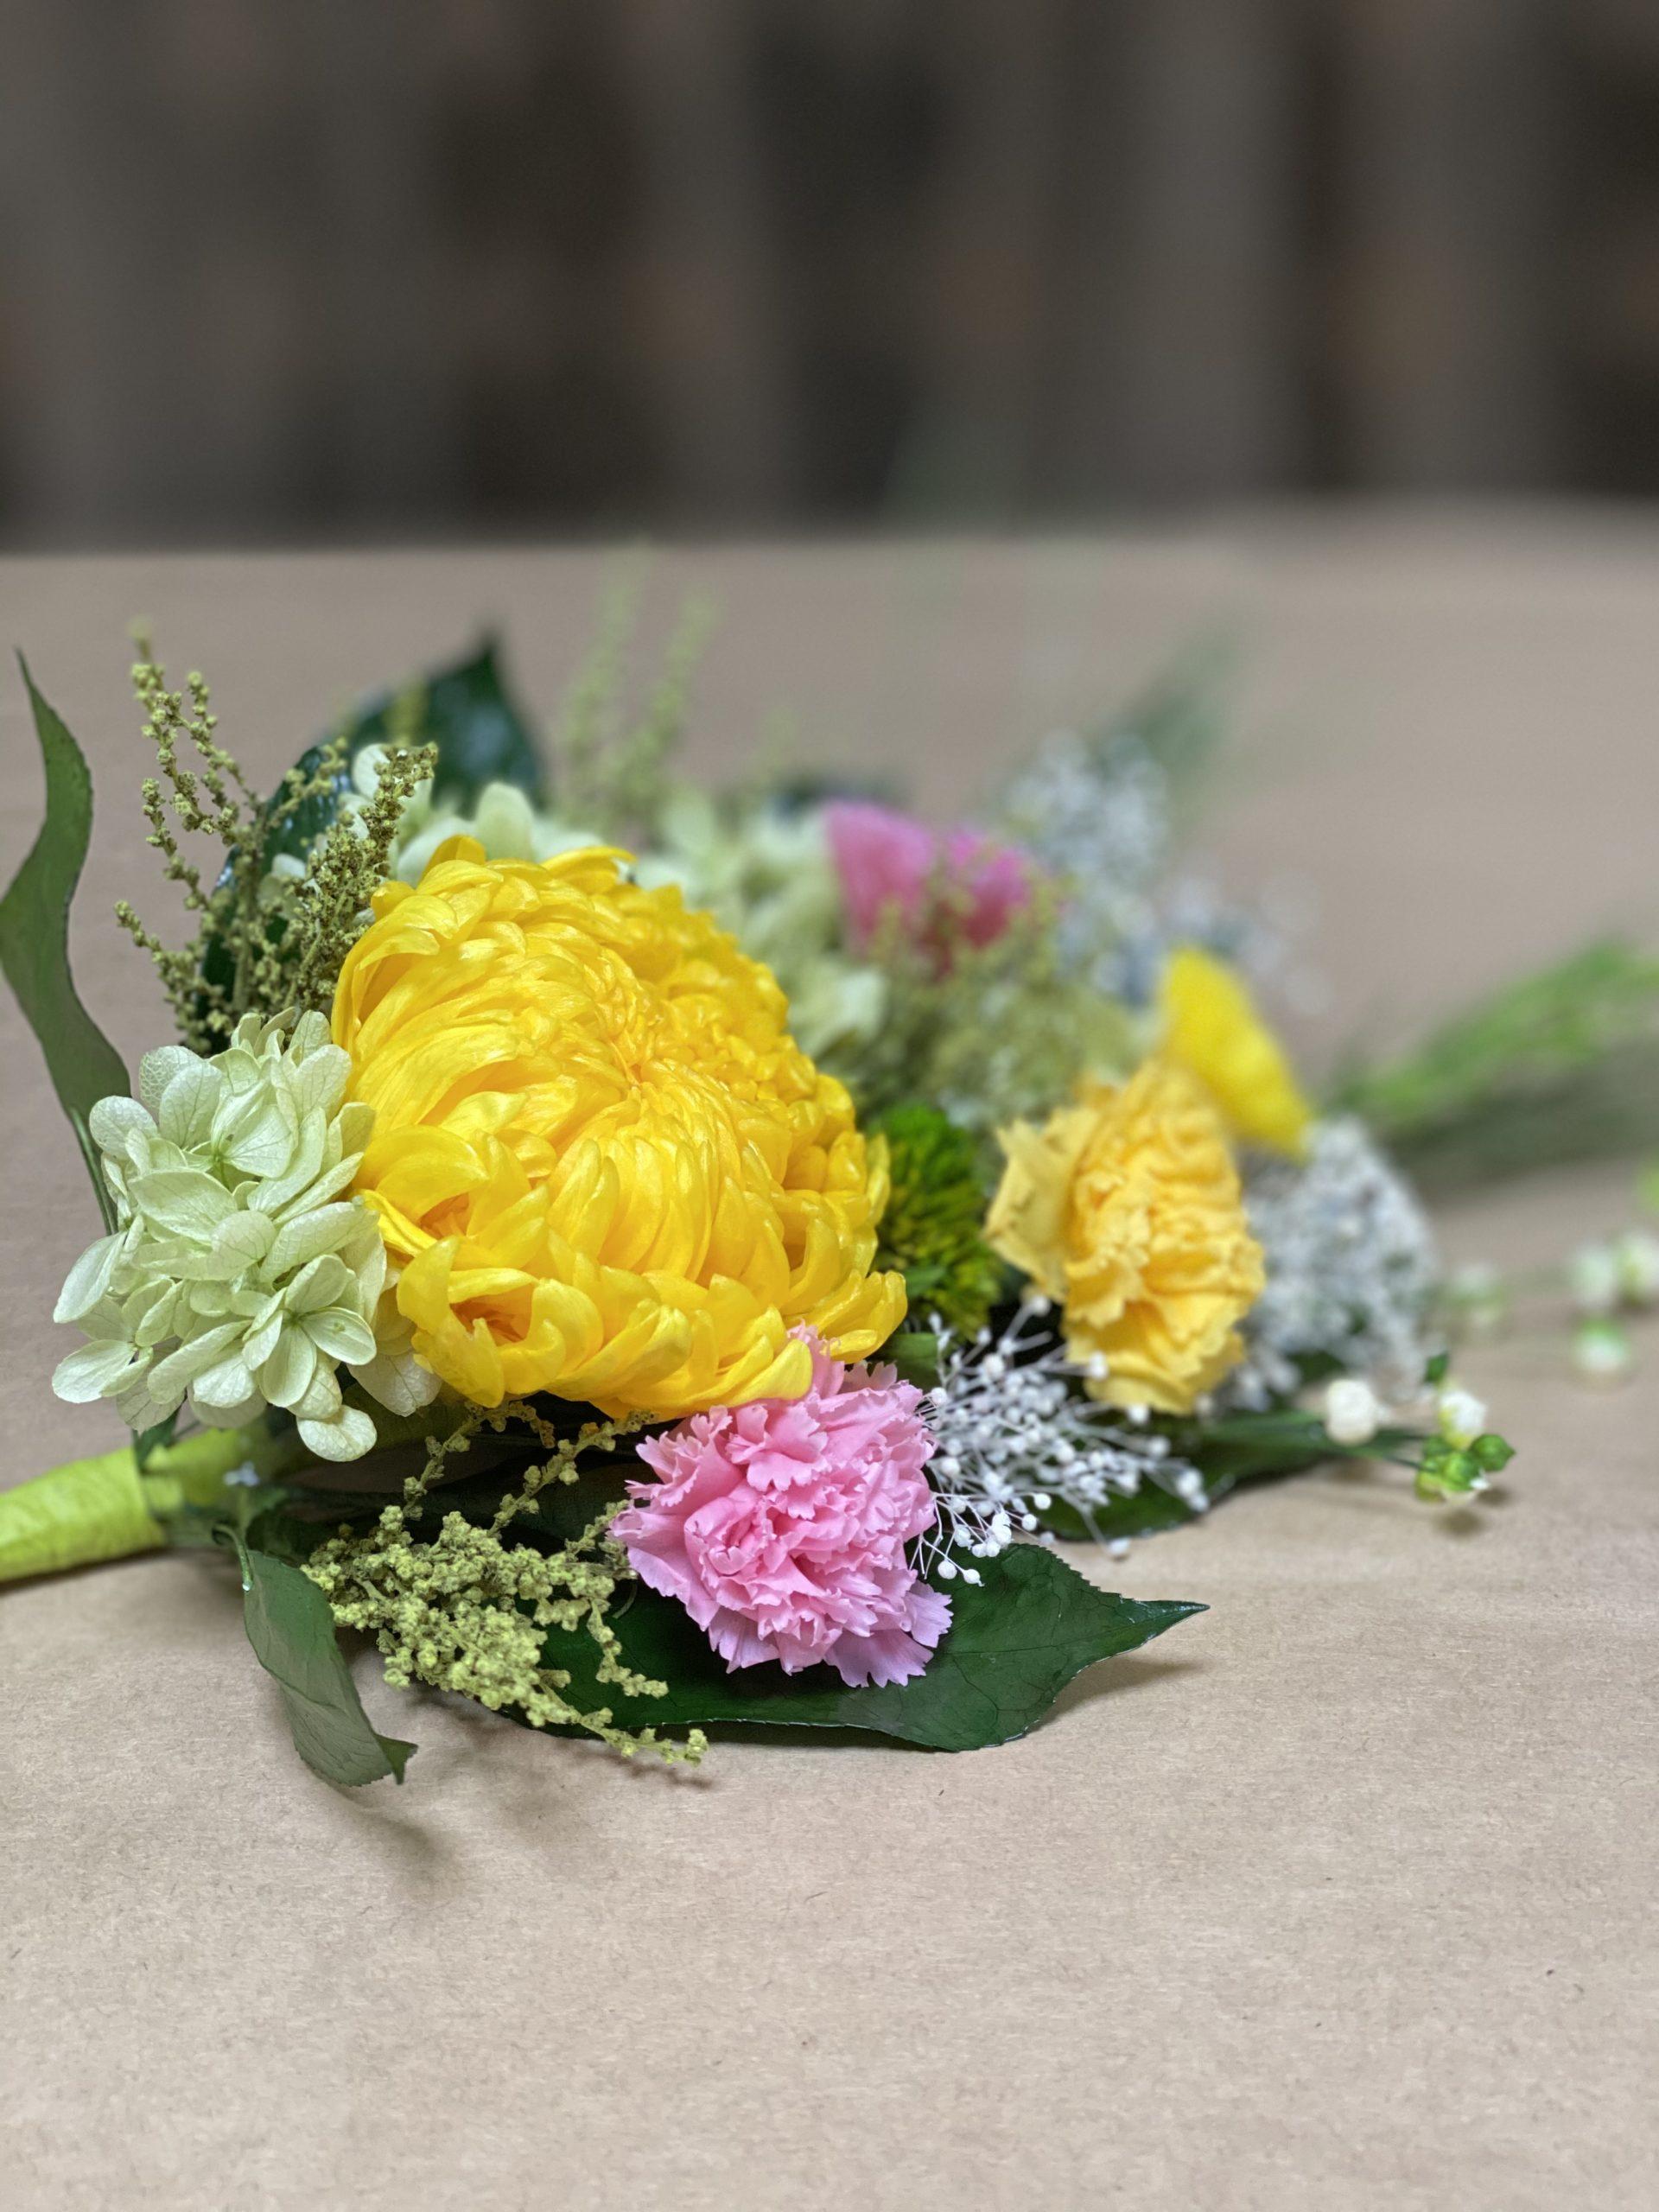 菊とカーネーションのプリザーブド仏花